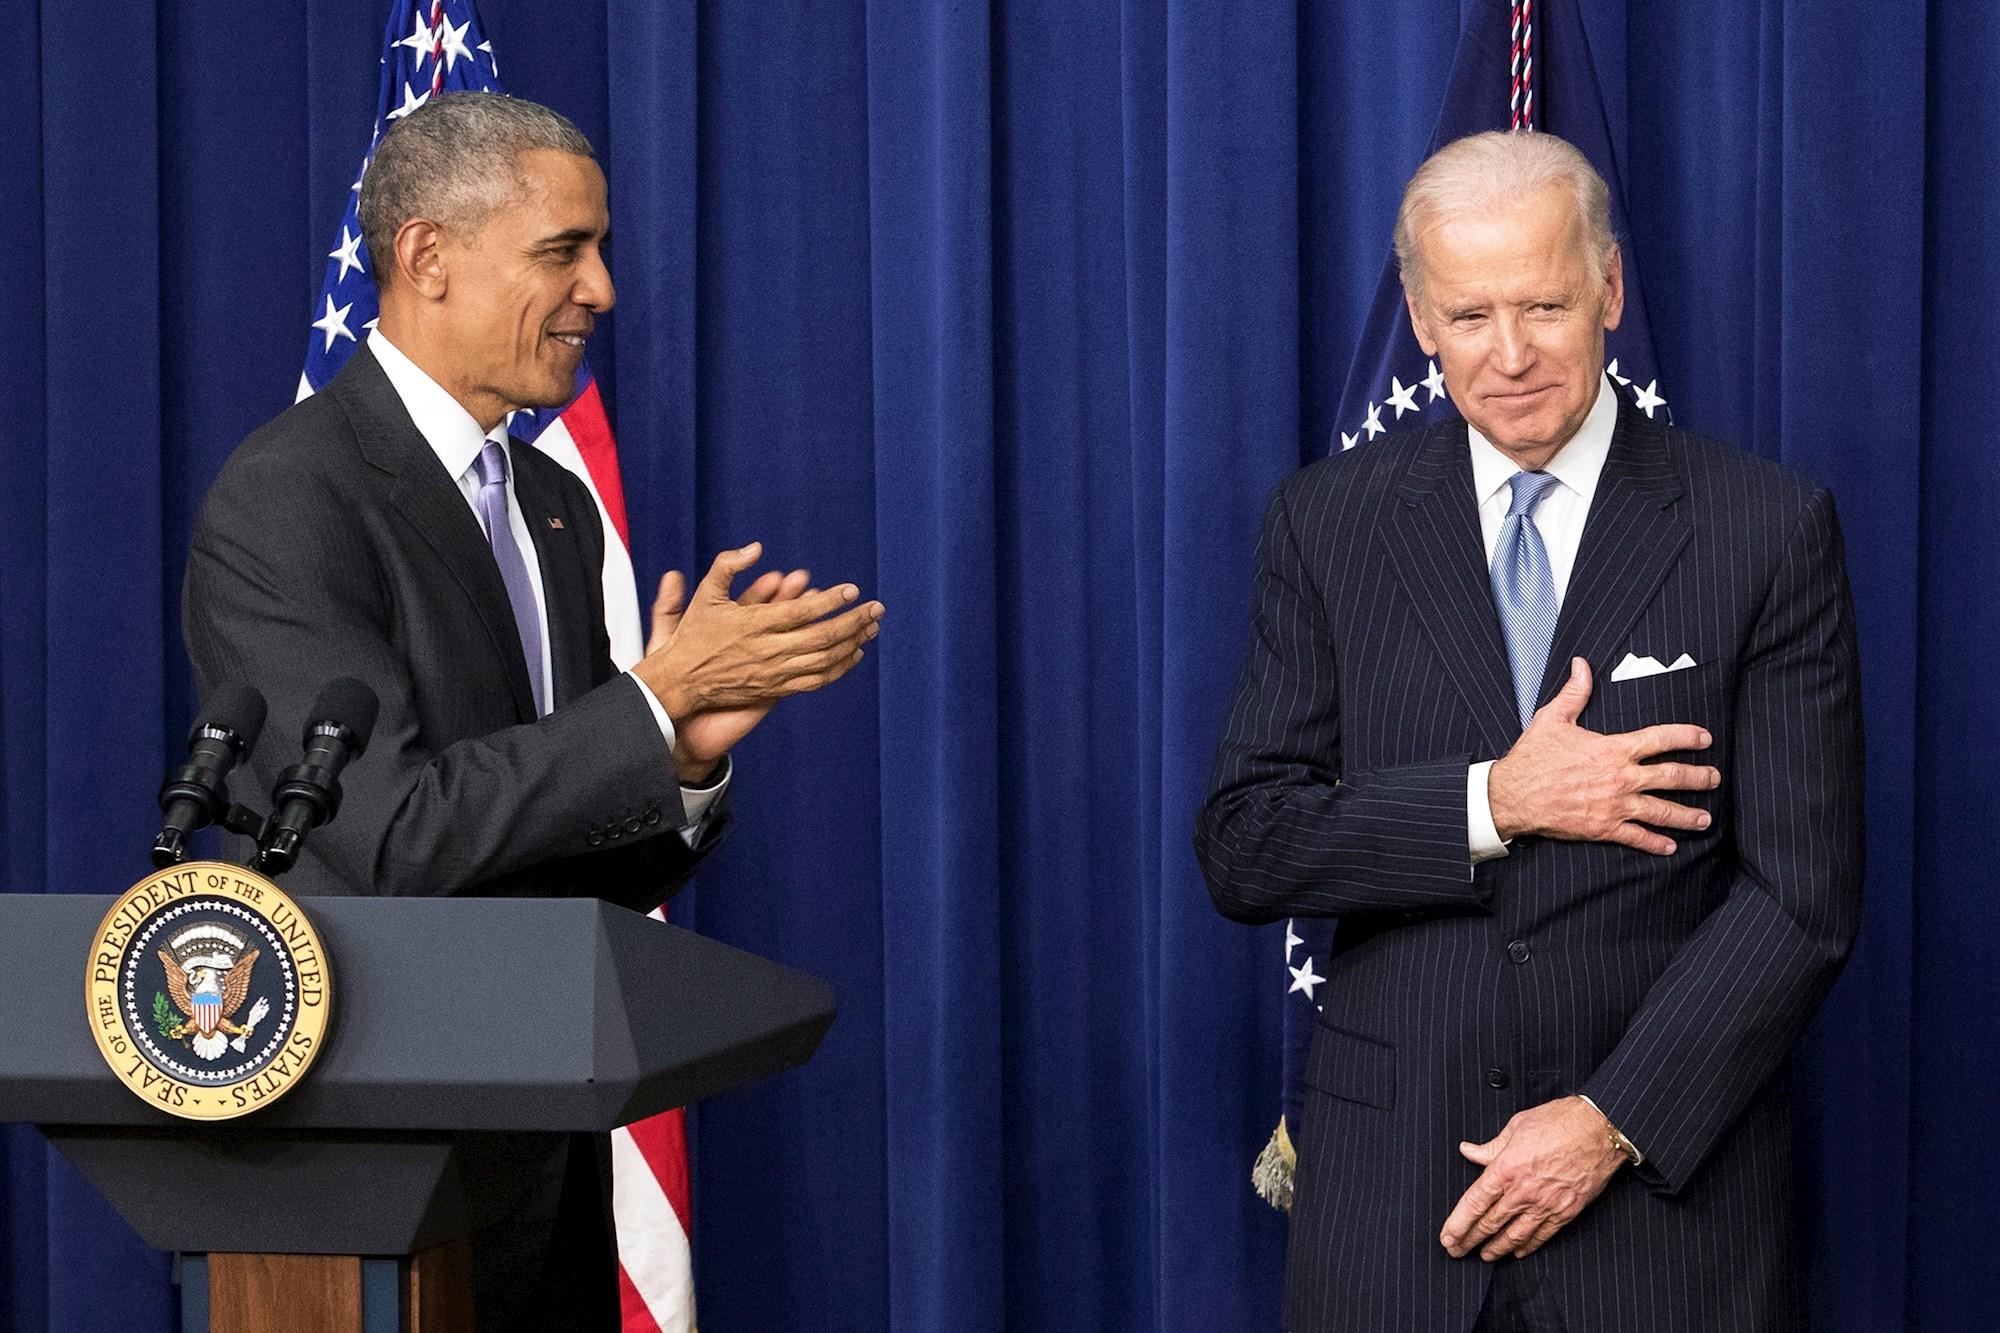 POLÍTICA. Barack Obama junto con Joe Biden, el 13 de diciembre de 2016. | Foto: Efe.